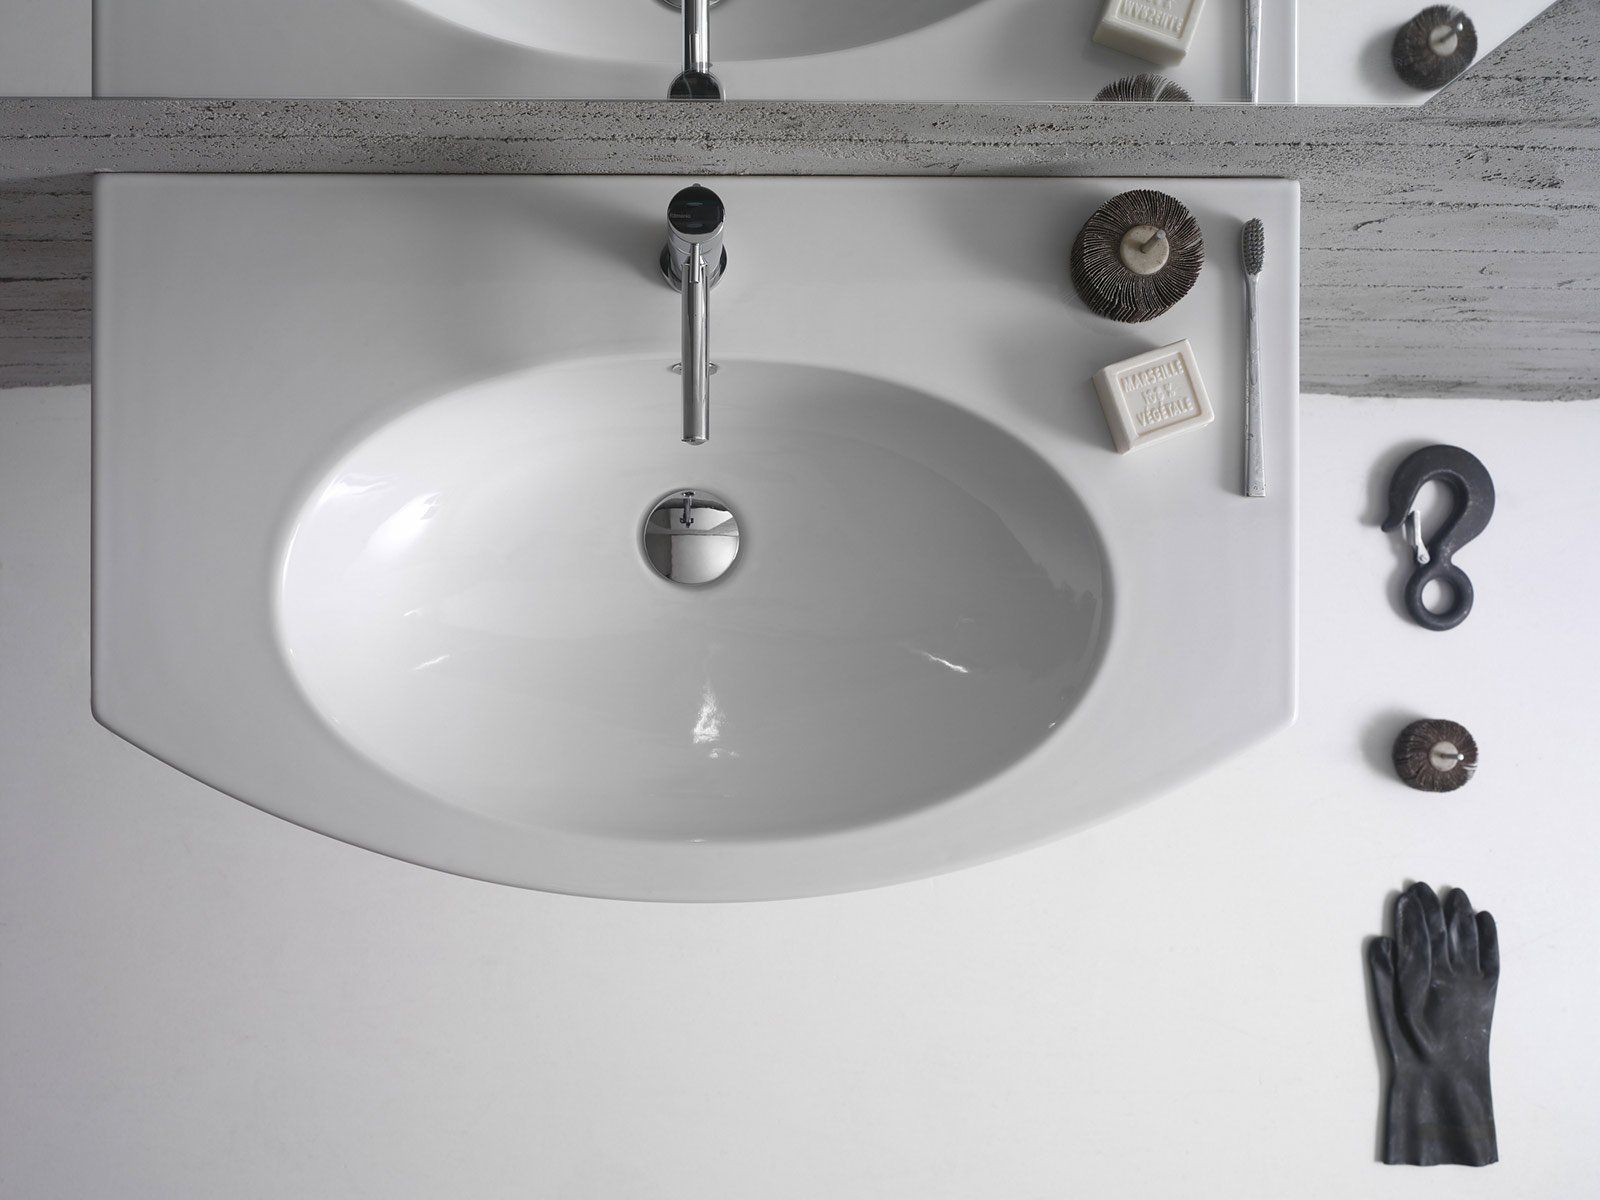 lavandino sospeso per bagno ha bordi